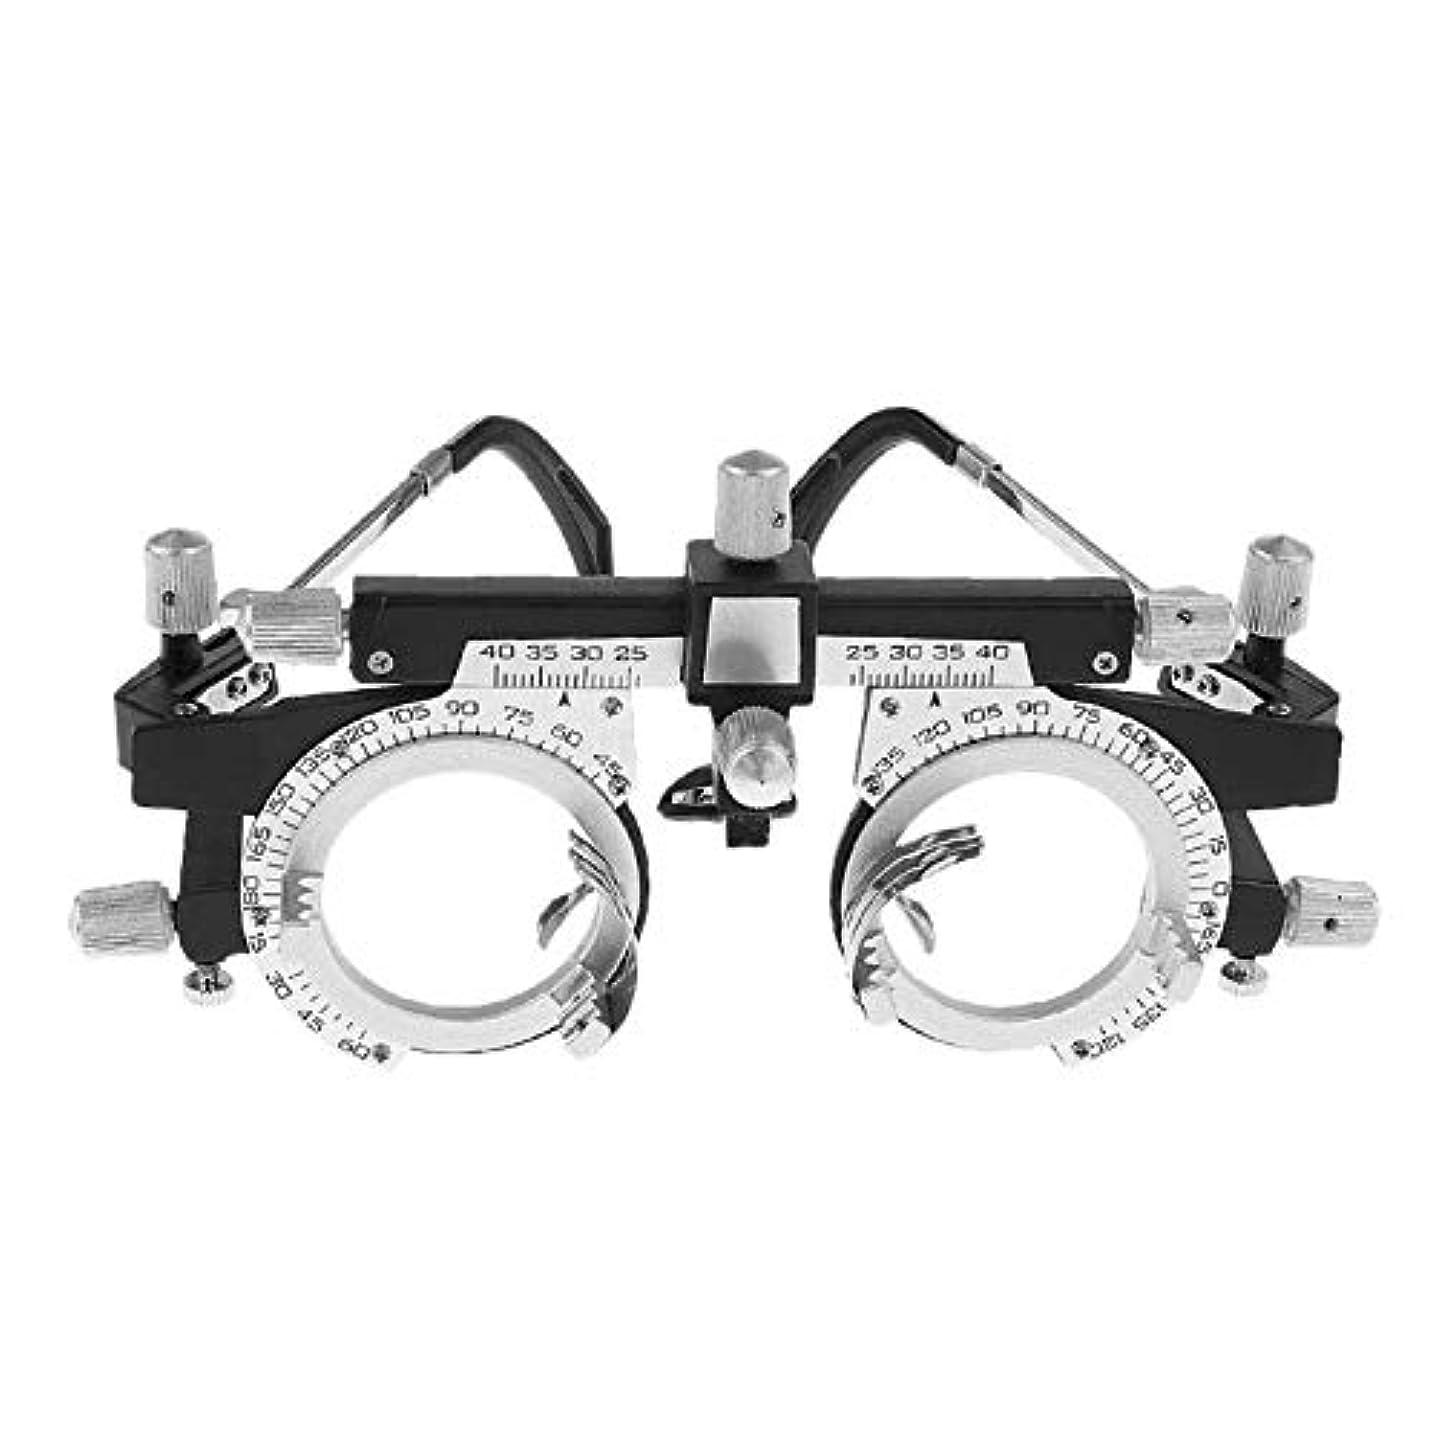 ビジュアルピンクそれぞれJasnyLoo 調整可能なプロフェッショナルアイウェア検眼メタルフレーム光学眼鏡眼鏡トライアルレンズメタルフレームPD眼鏡アクセサリー